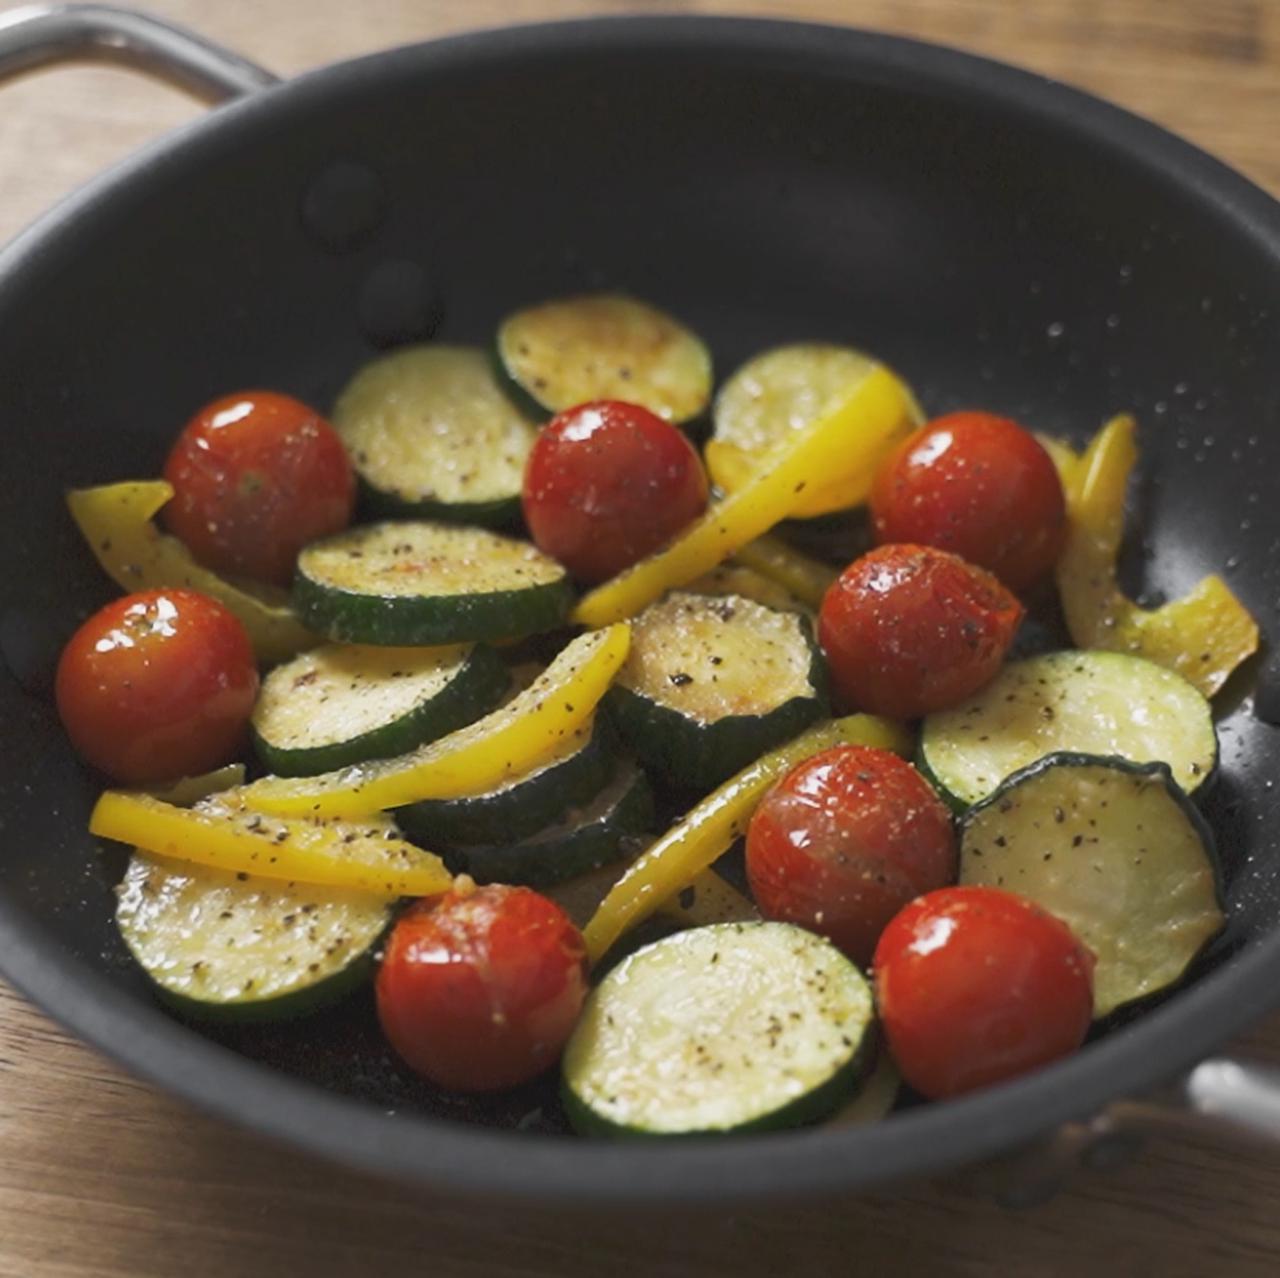 画像: ズッキーニとミニトマトのガーリックソテー - 君とごはん